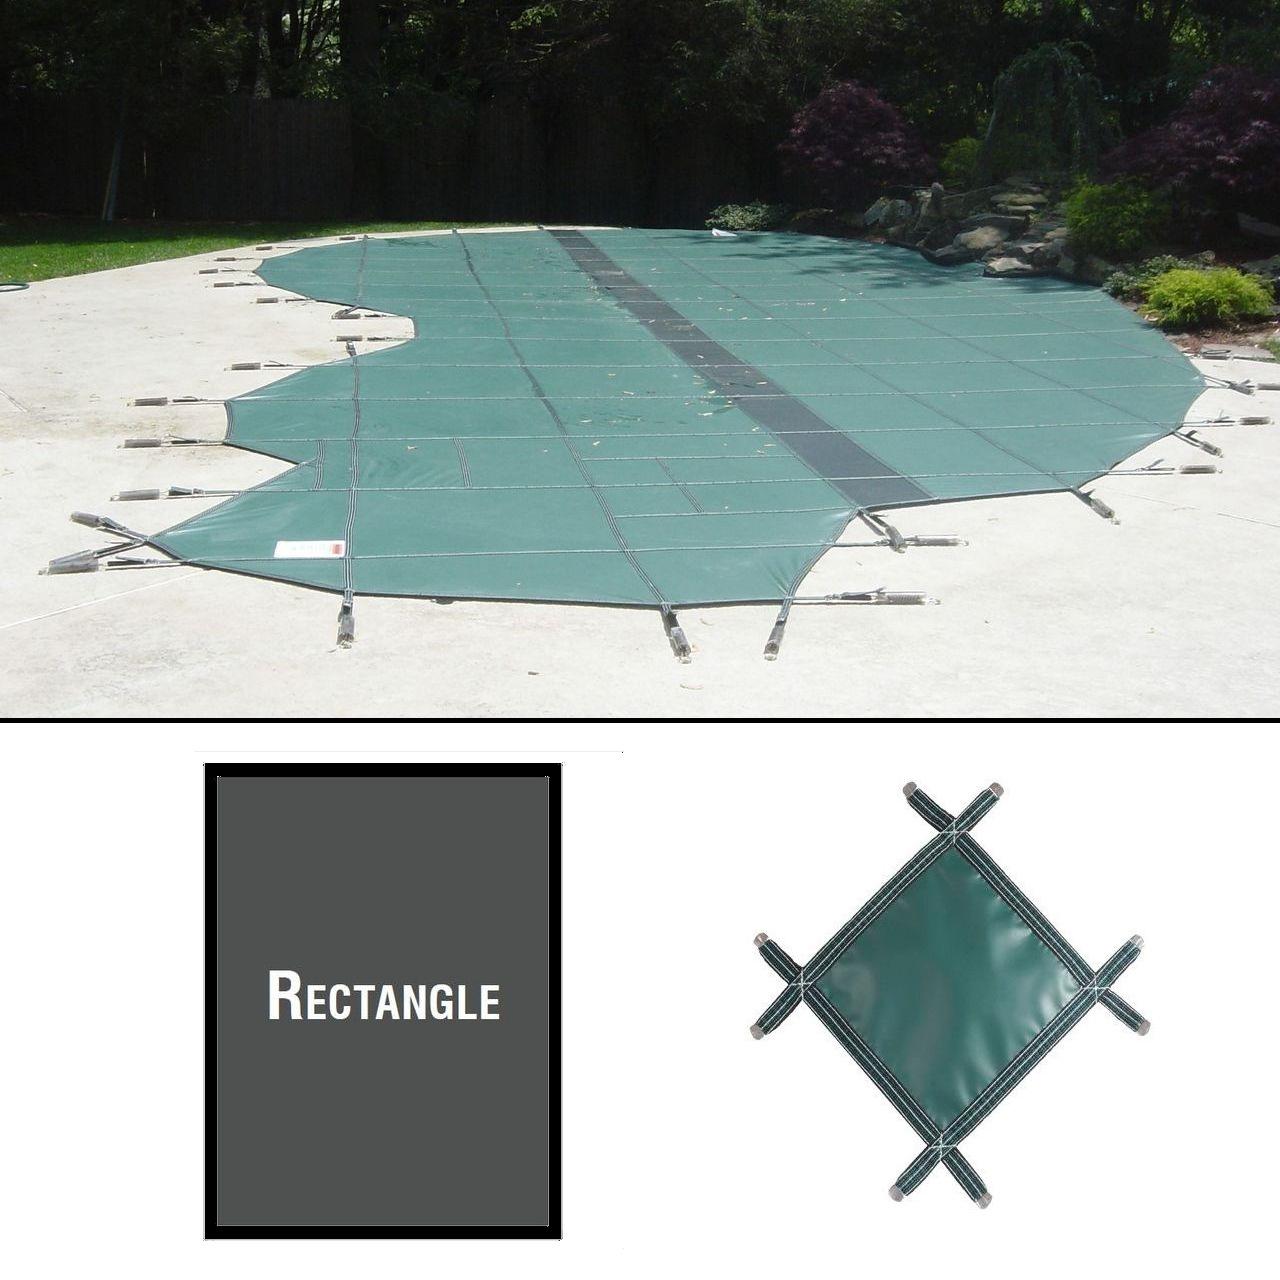 PermaGuard 22'x47' Rectangular Pool Cover